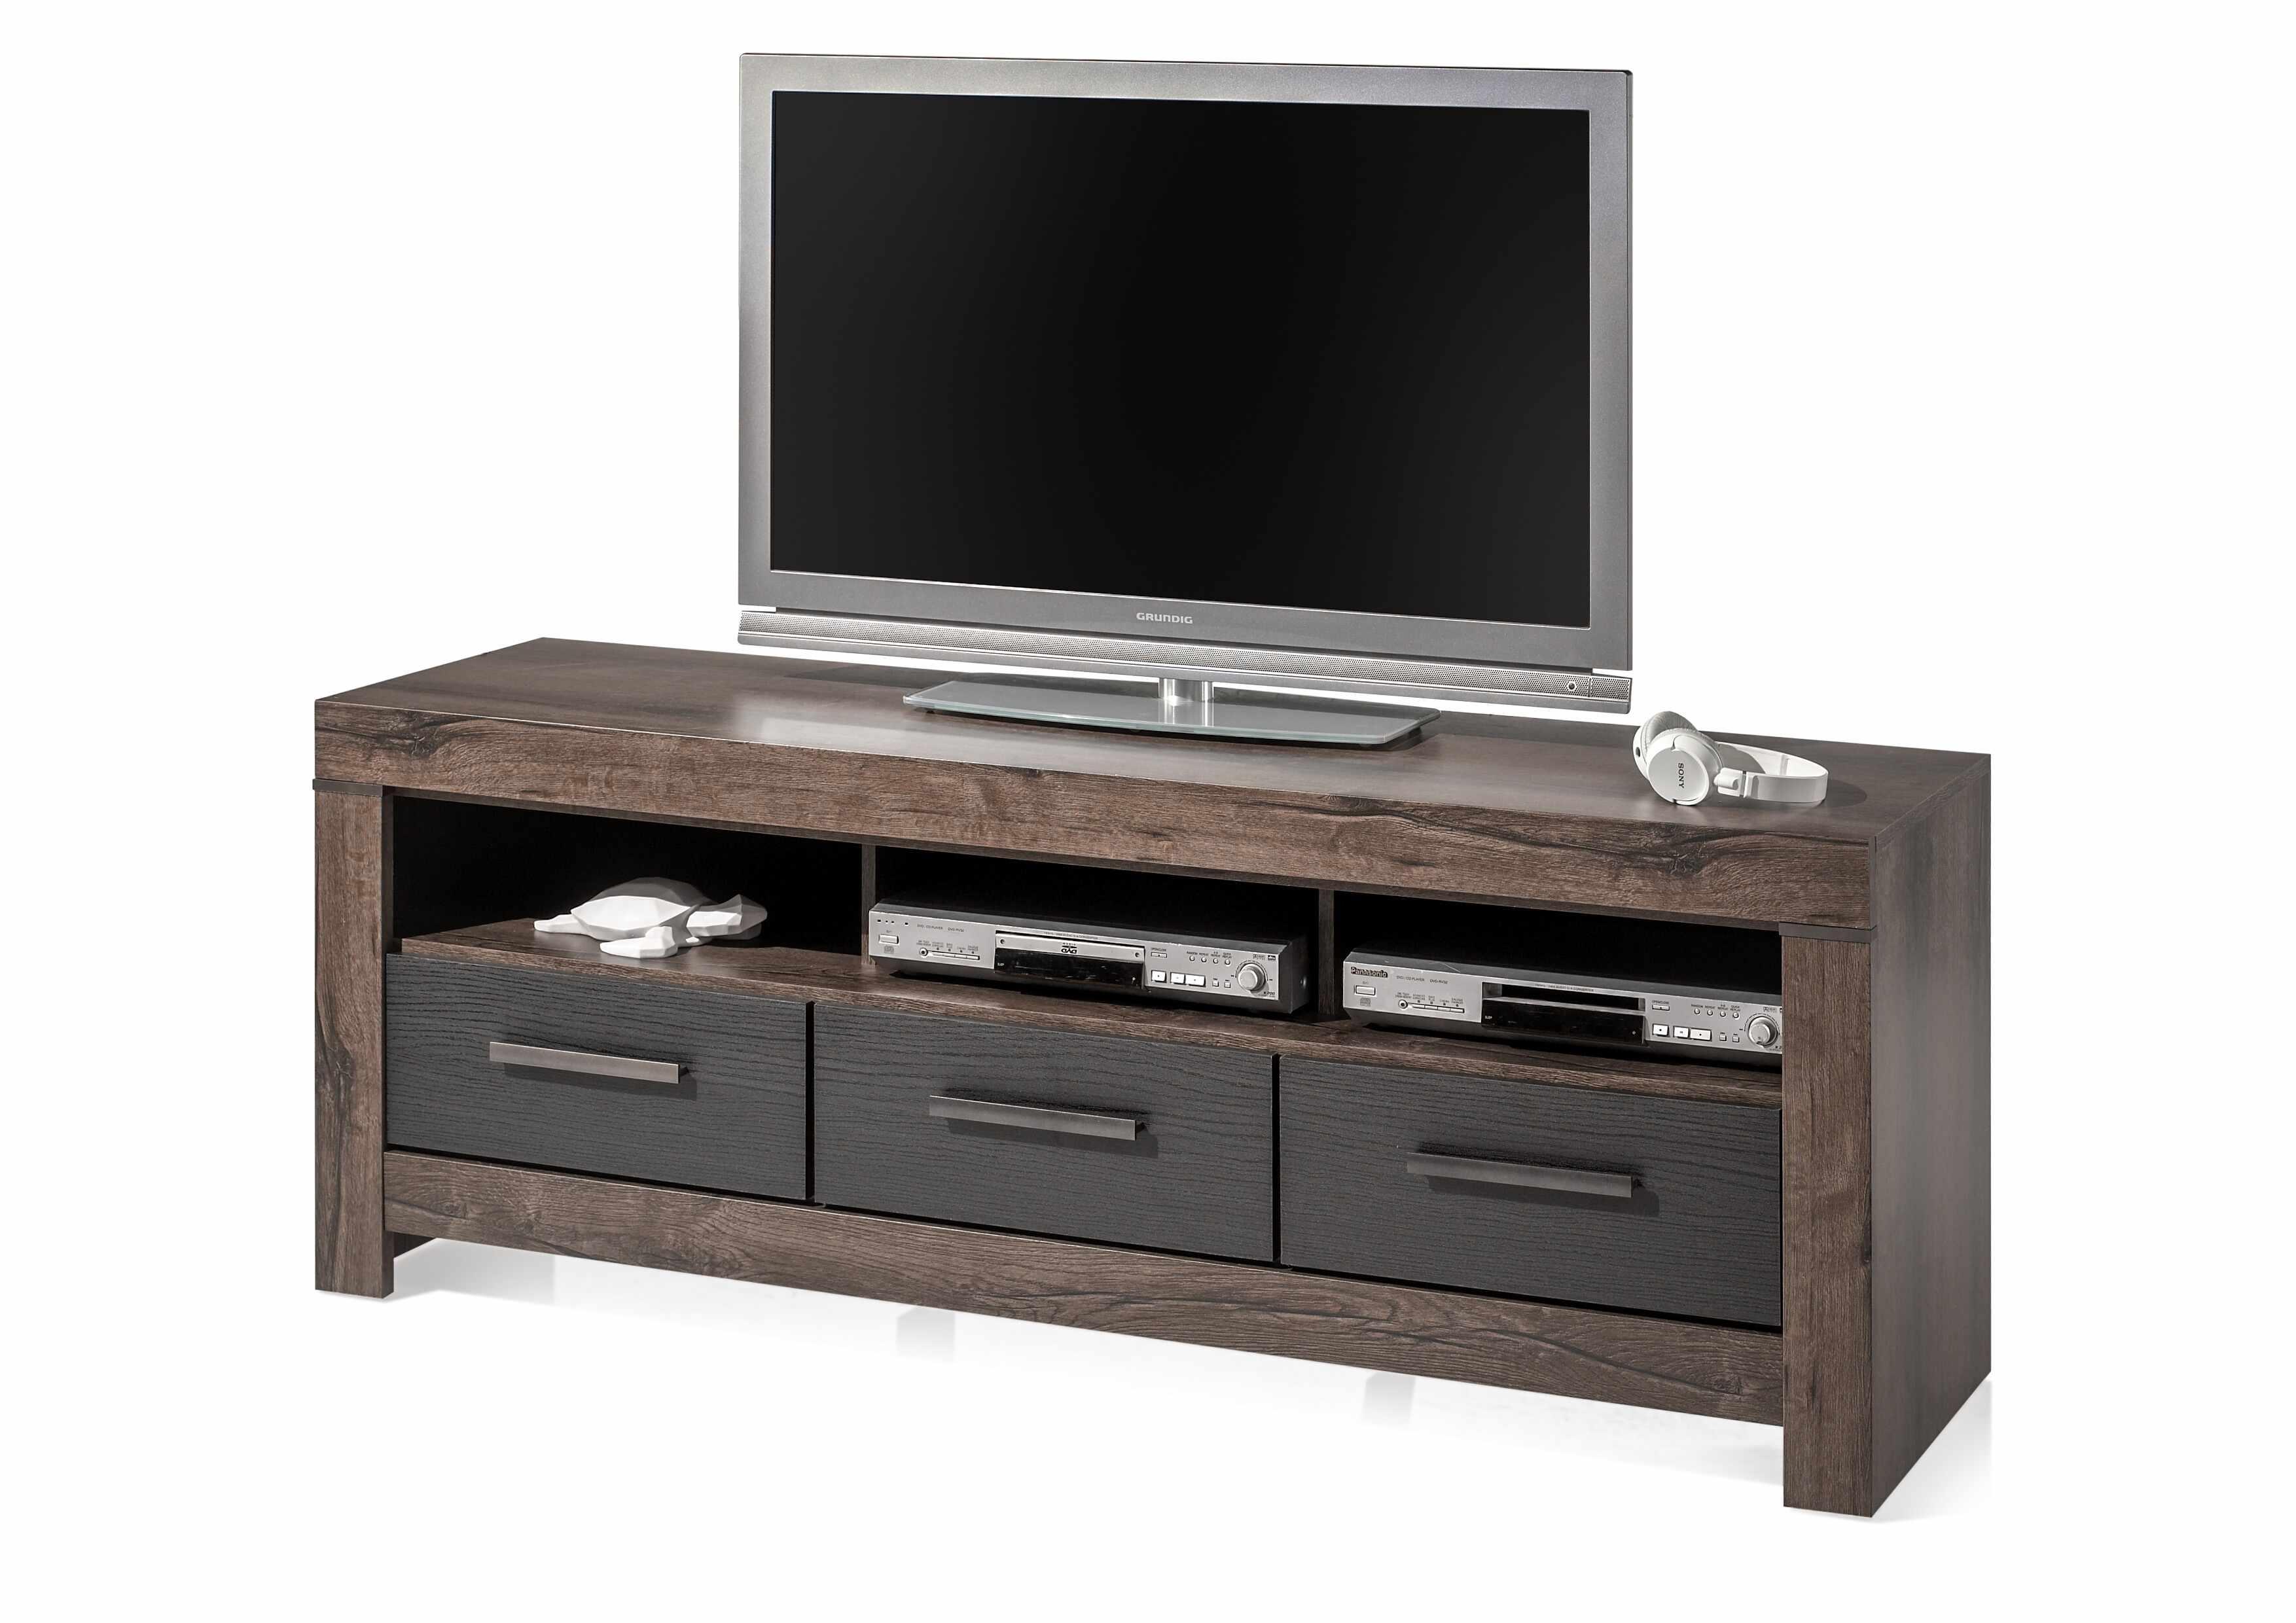 Comoda TV din pal, cu 3 sertare Blake Grafit / Stejar, l160xA45xH61 cm la pret 739 lei